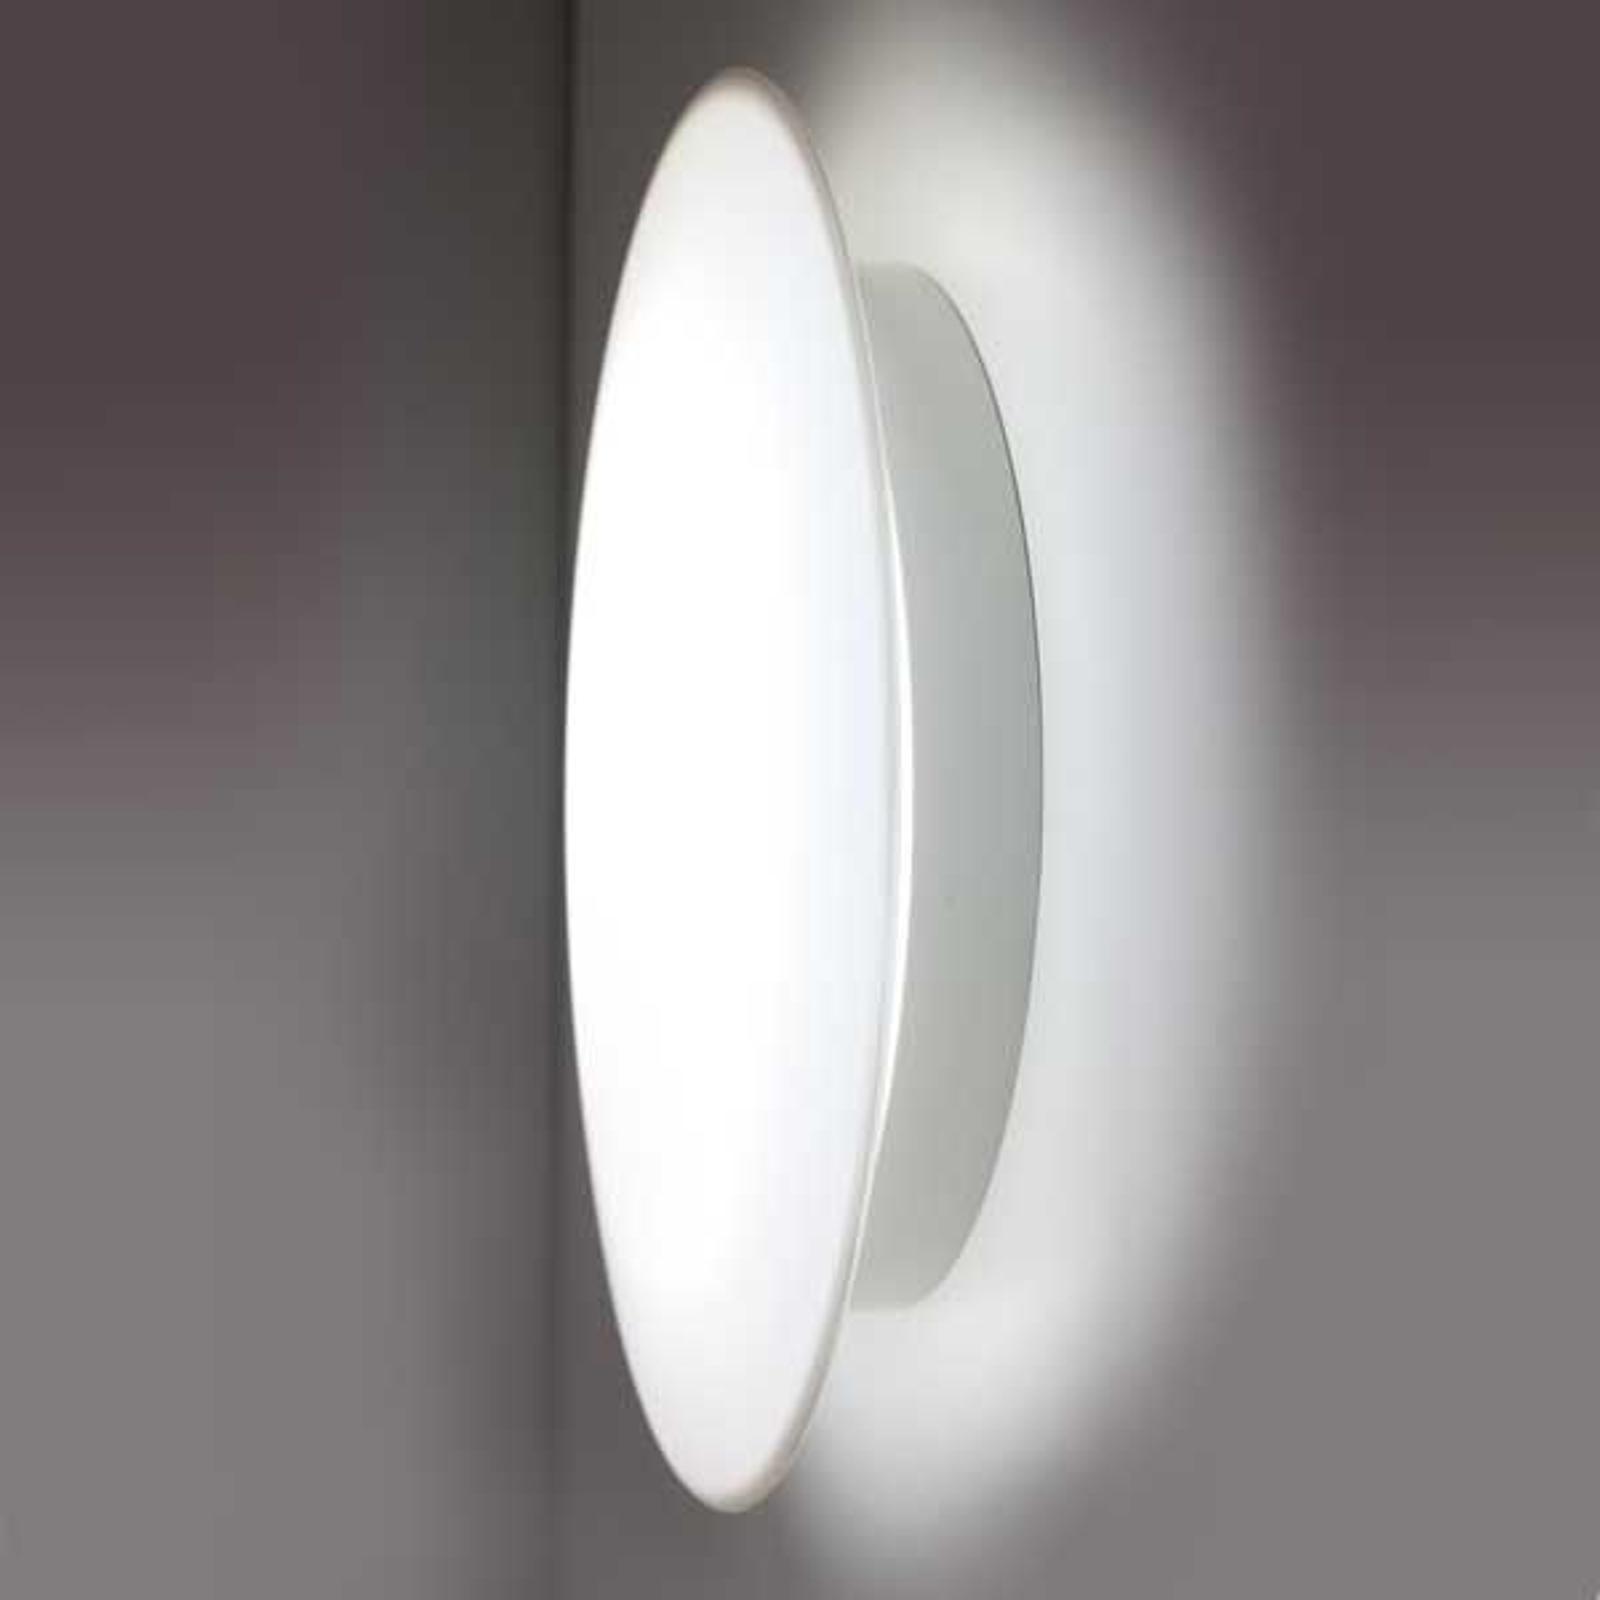 SUN 3 – tulevaisuuden LED-valaisin, valk., 8 W 3 K